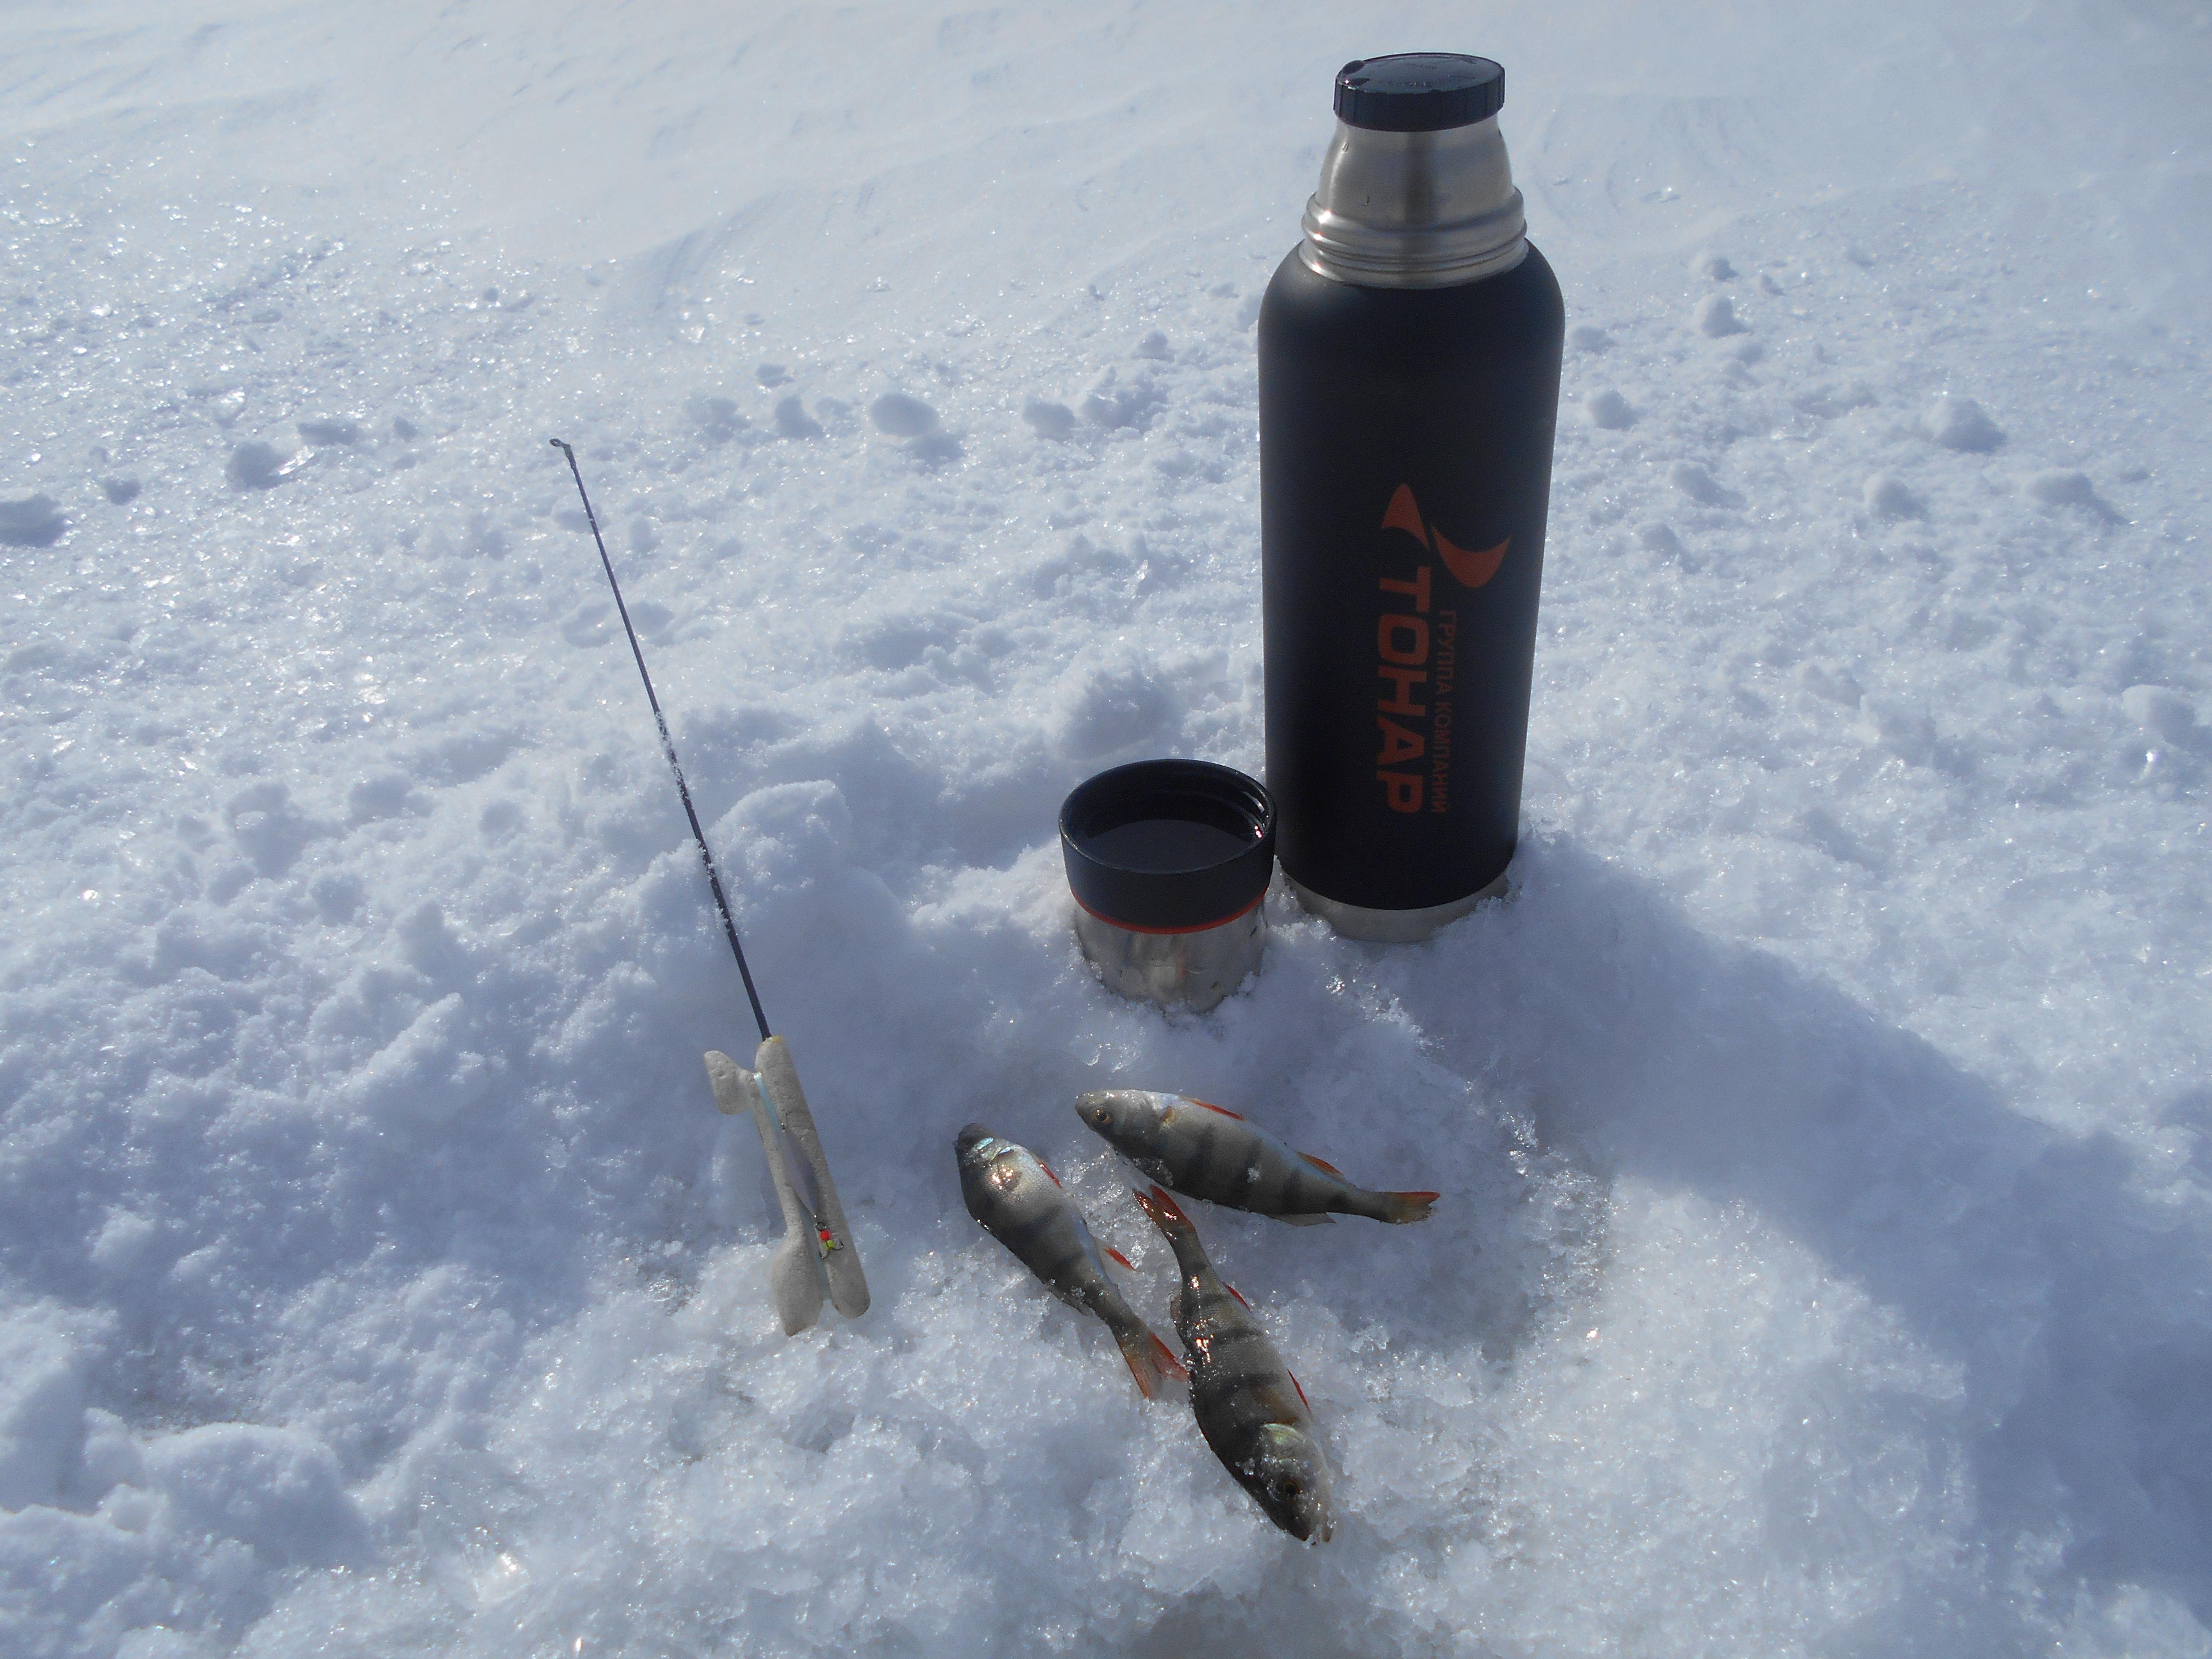 Удочки для ловли на зимние блесны. Мой опыт.